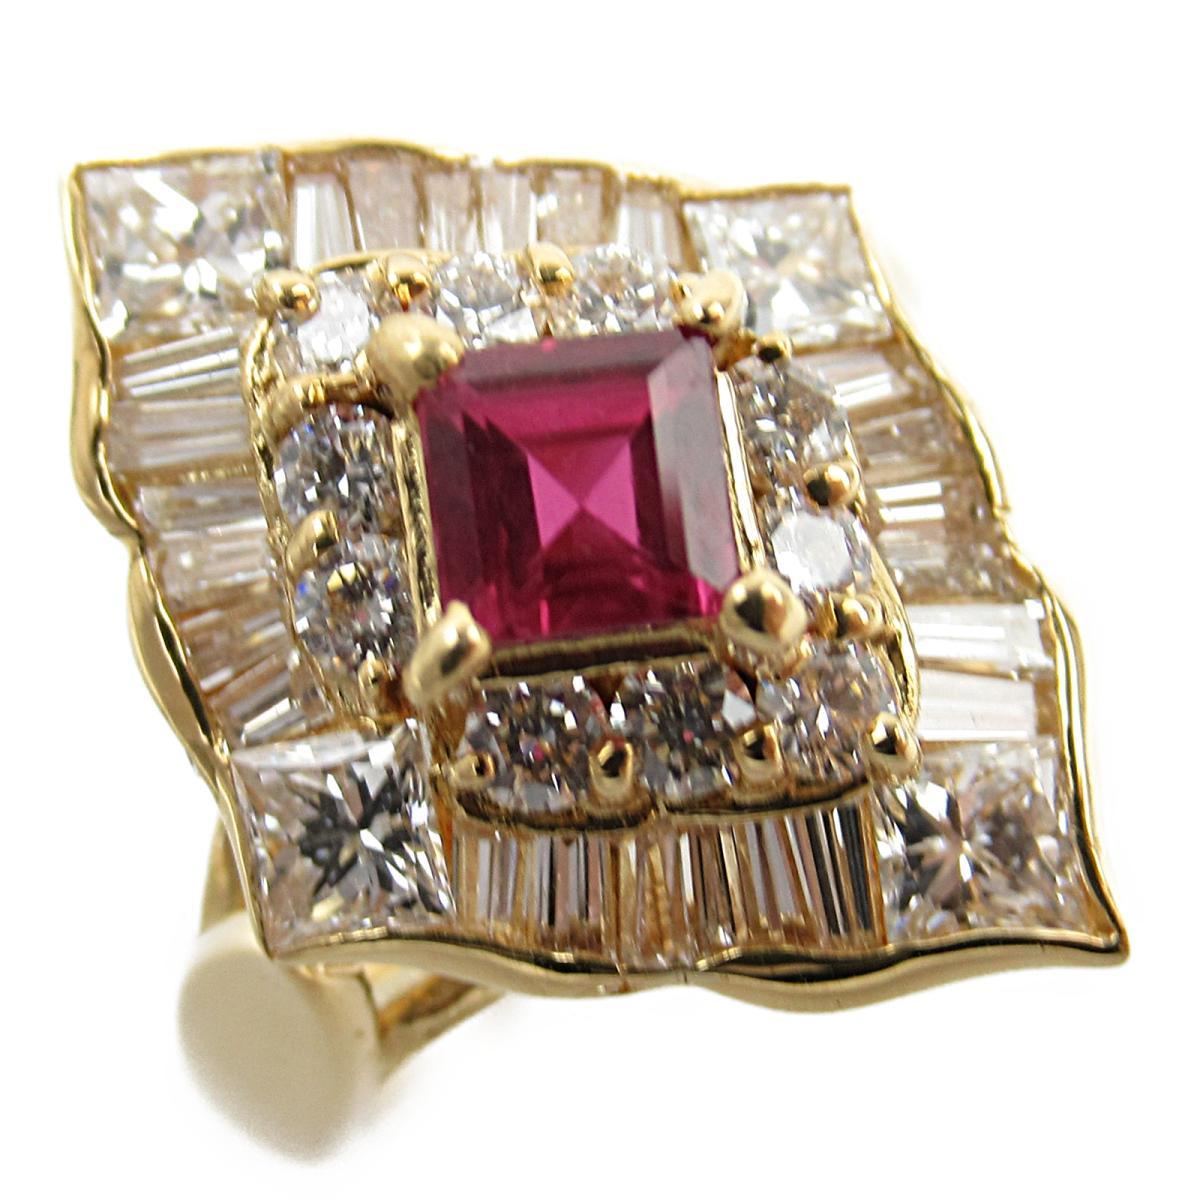 ジュエリー ルビー ダイヤモンド リング 指輪 ノーブランドジュエリー レディース K18YG (750) イエローゴールド x ルビー0.48/ダイヤモンド1.35ct 【中古】 | JEWELRY BRANDOFF ブランドオフ アクセサリー